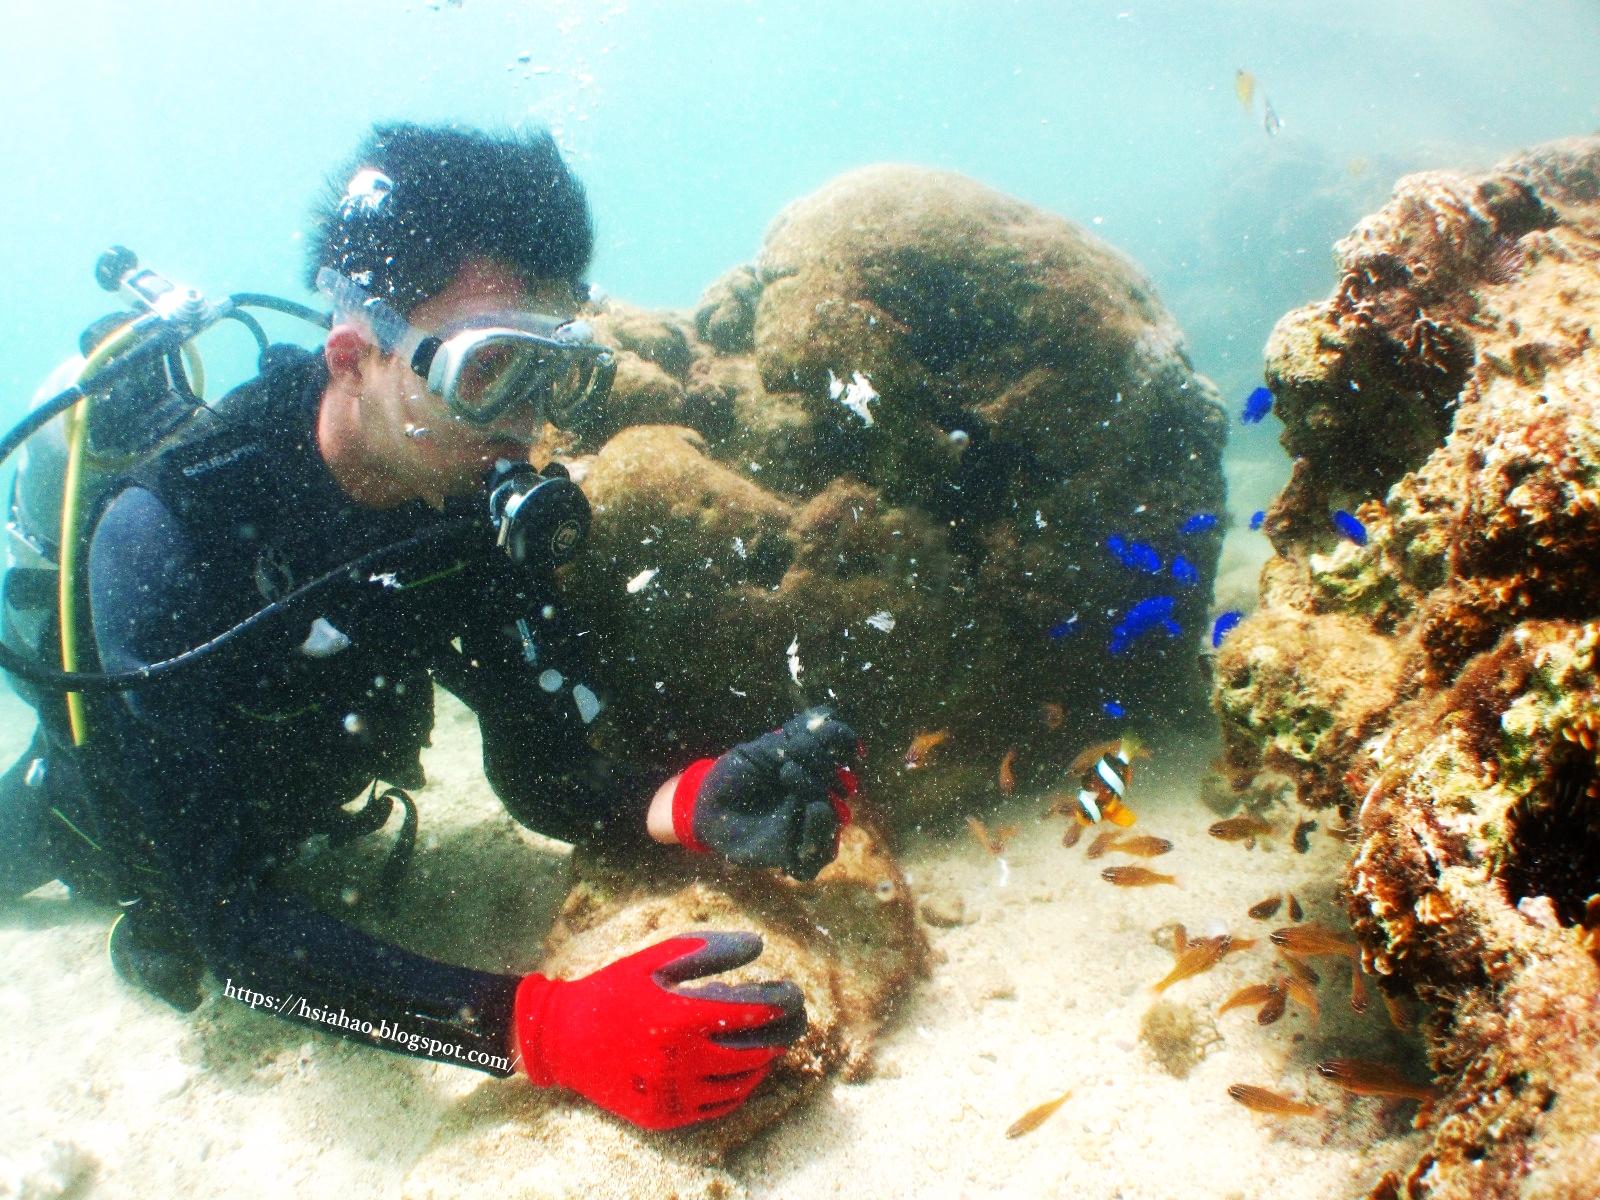 沖繩-景點-推薦-青之洞窟-真榮田岬潛水-真榮田岬浮潛-青之洞窟潛水-青之洞窟浮潛-青の洞窟-自由行-旅遊-Okinawa-diving-snorkeling-maeda-cape-blue-cave